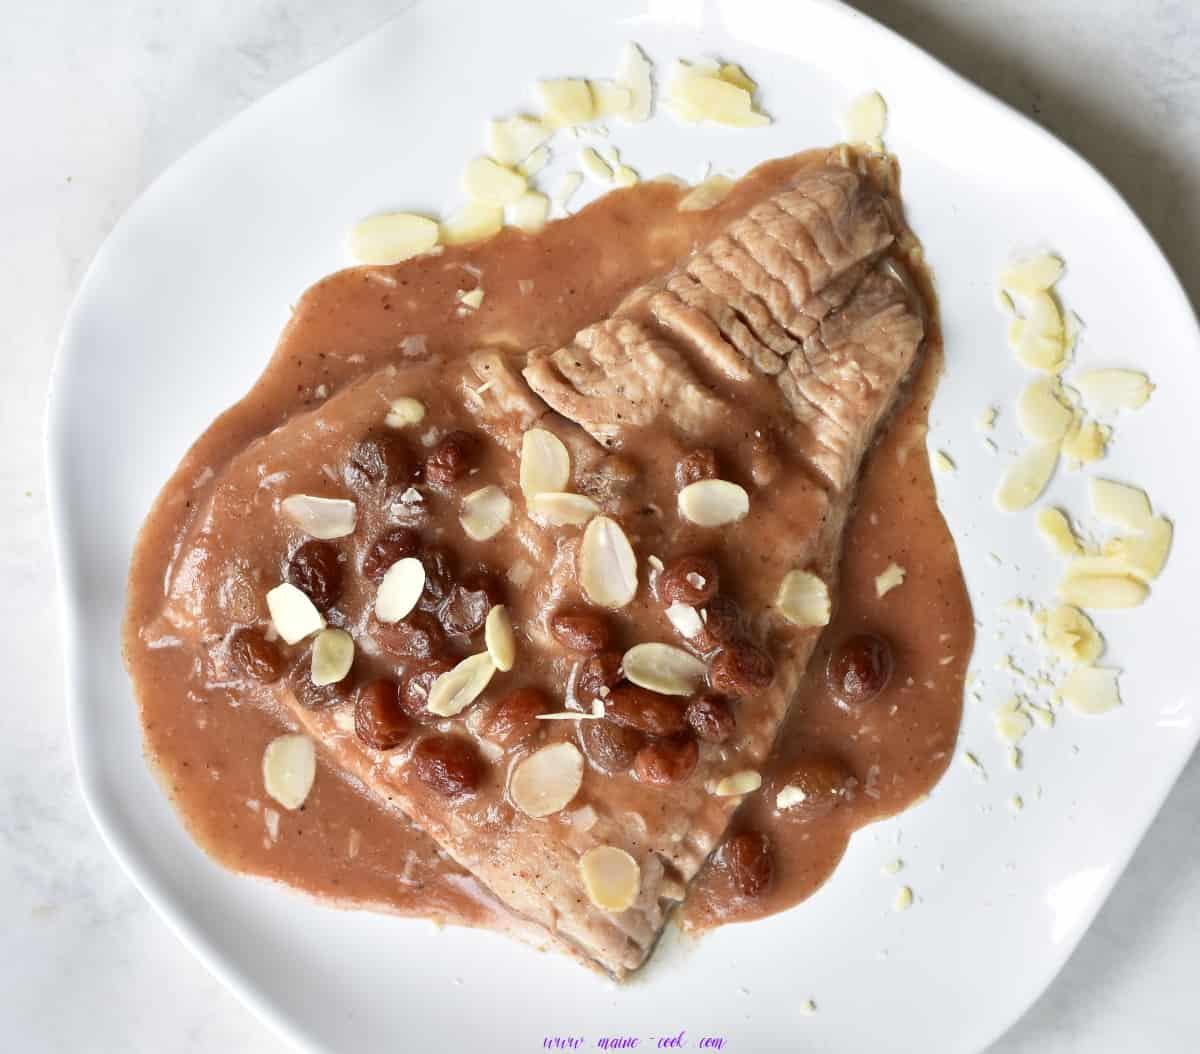 karp w staropolskim sosie szarym (sos piernikowy z rodzynkami i migdałami) carp in old polish gray sauce (gingerbread, almond and raisin sauce)